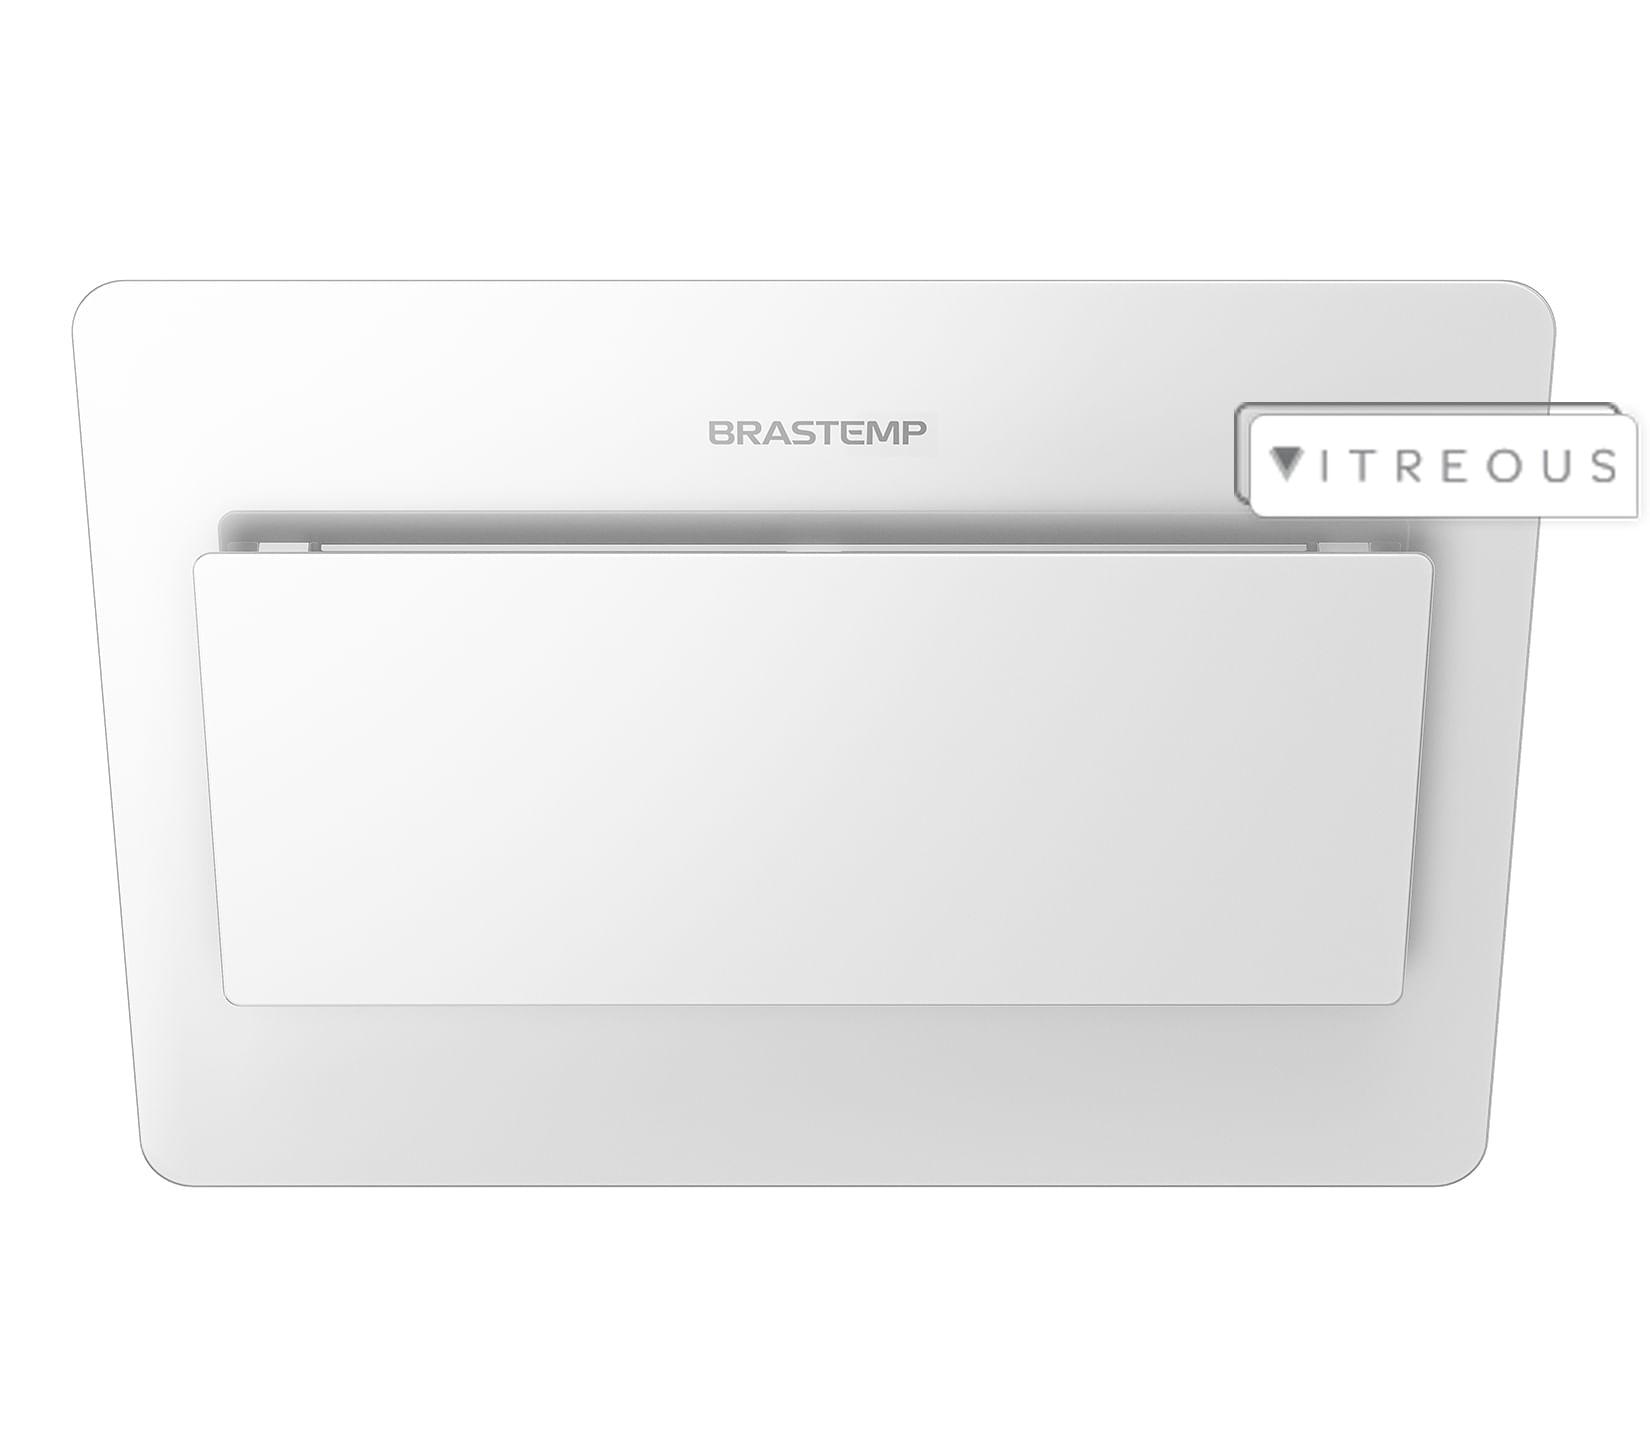 Coifa de Parede Brastemp 80 cm branca com design icônico e alta sucção